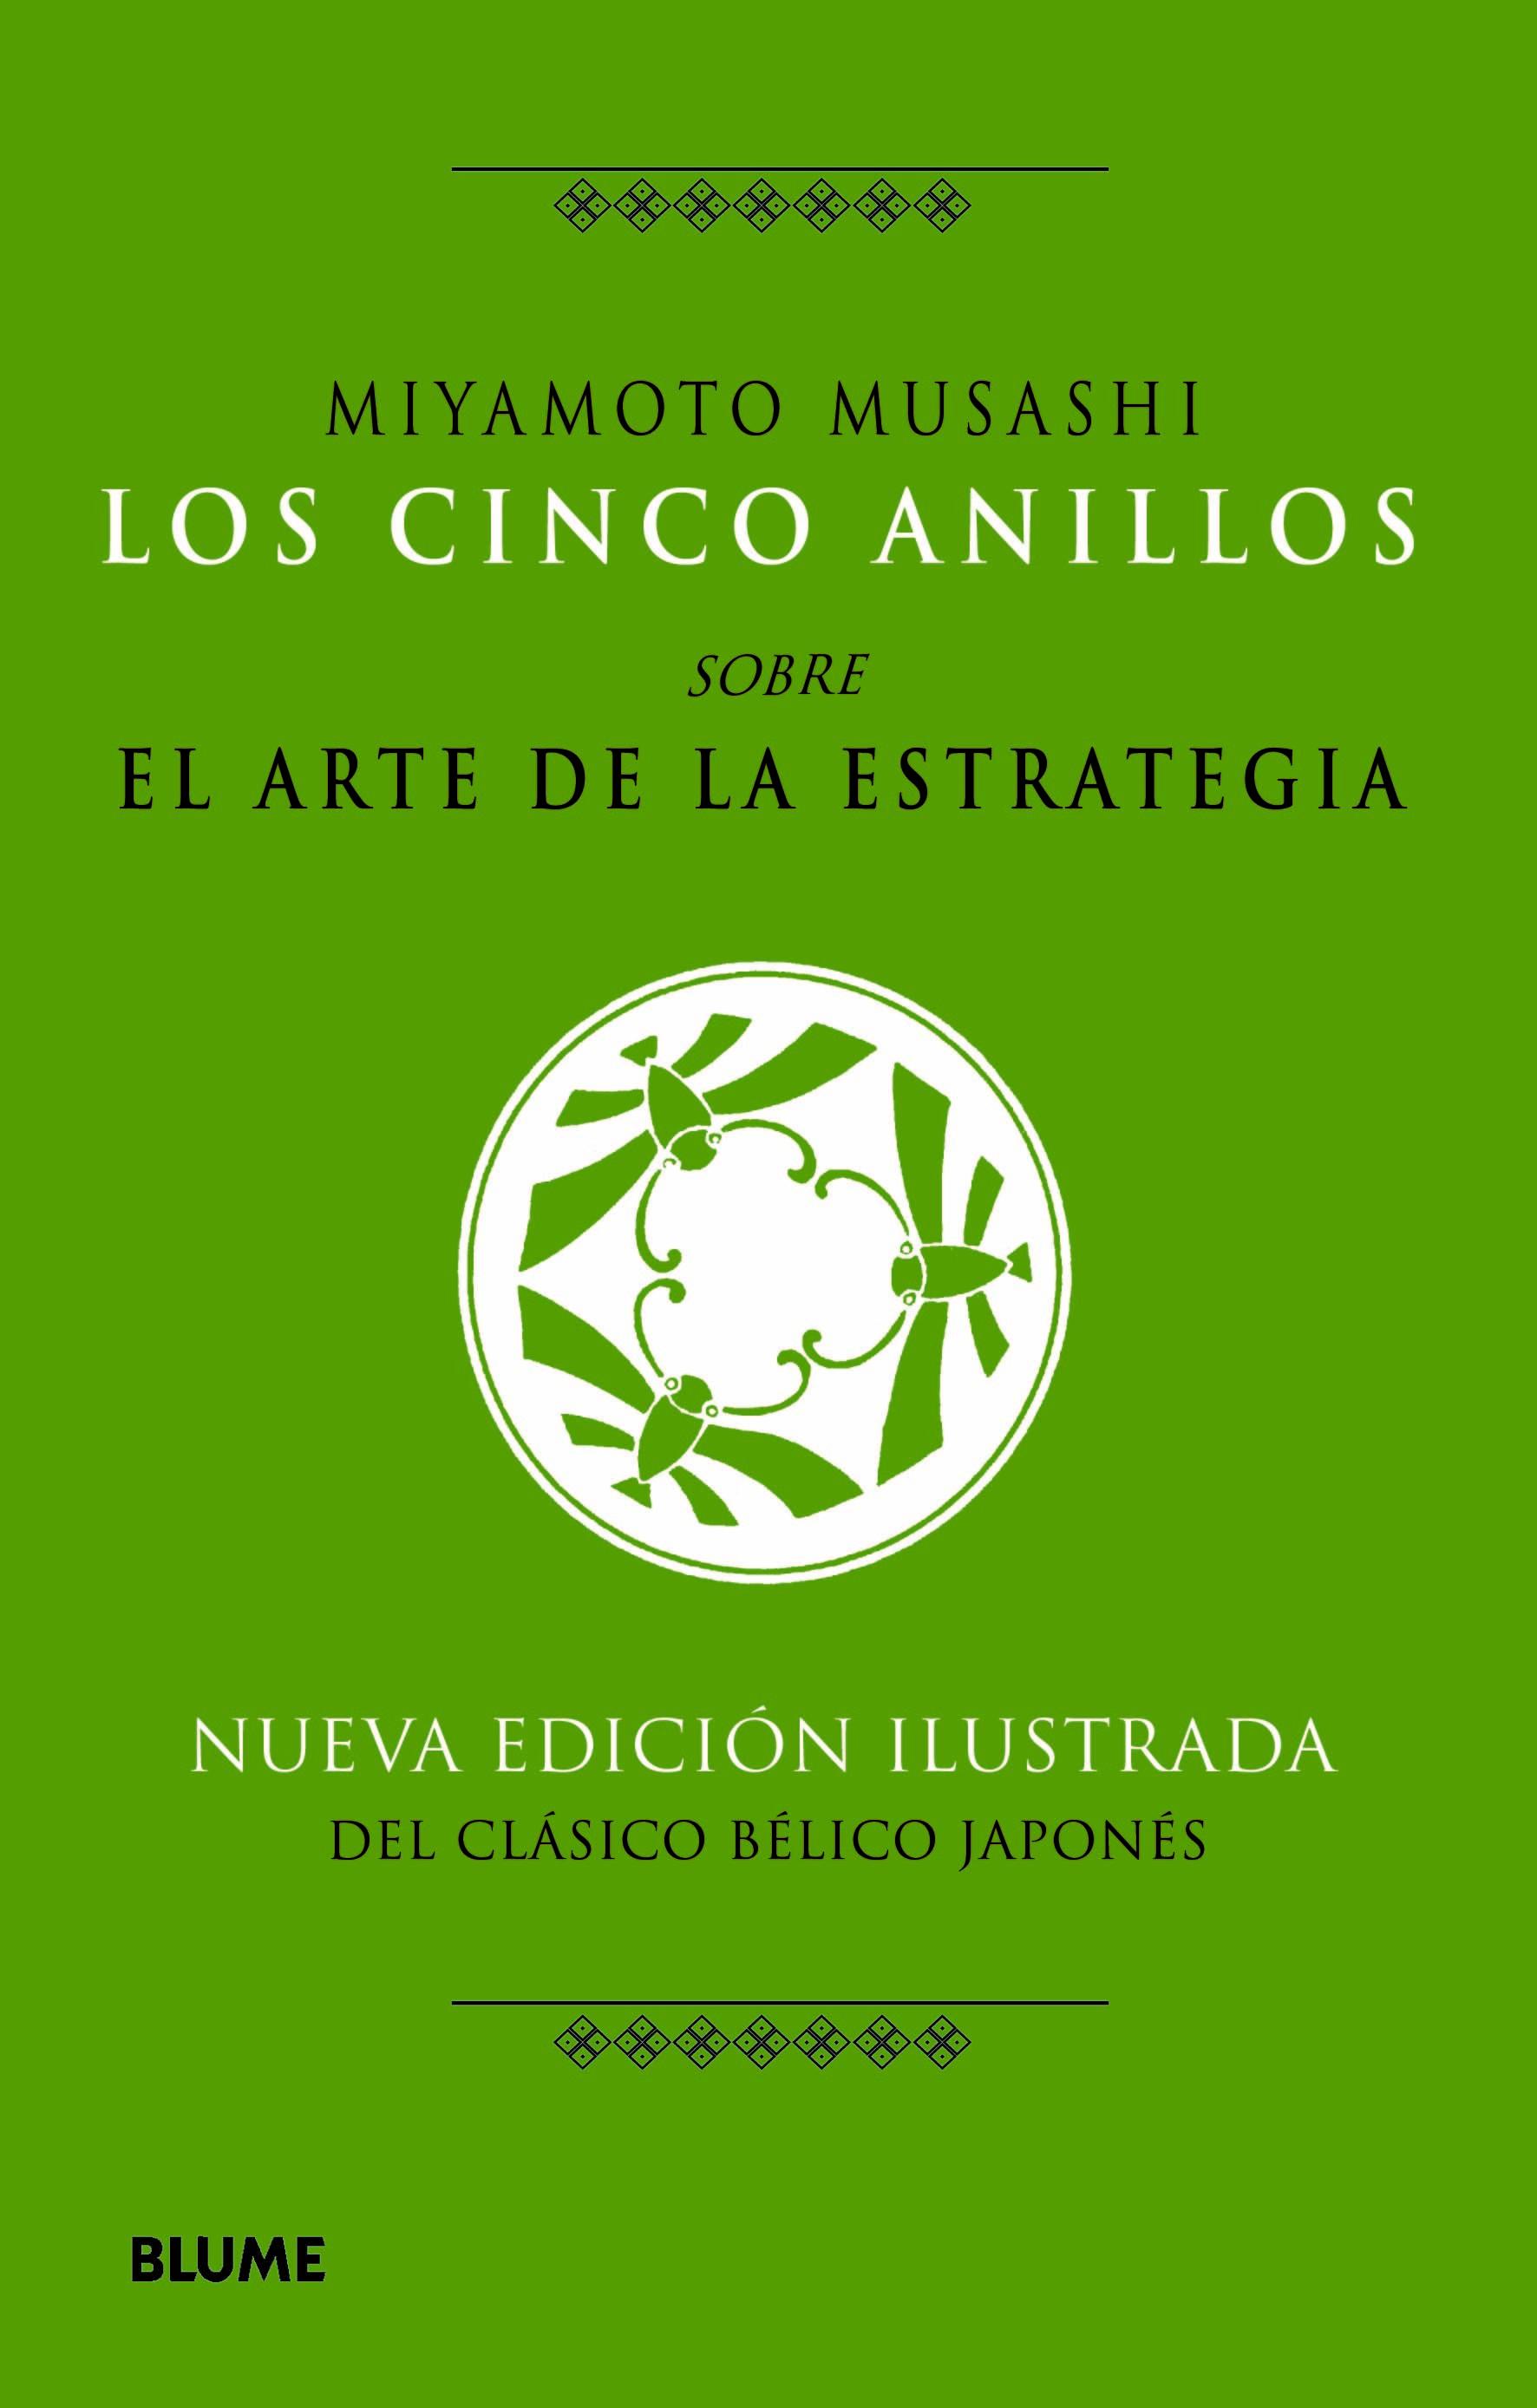 LOS CINCO ANILLOS, SOBRE EL ARTE DE LA ESTRATEGIA.